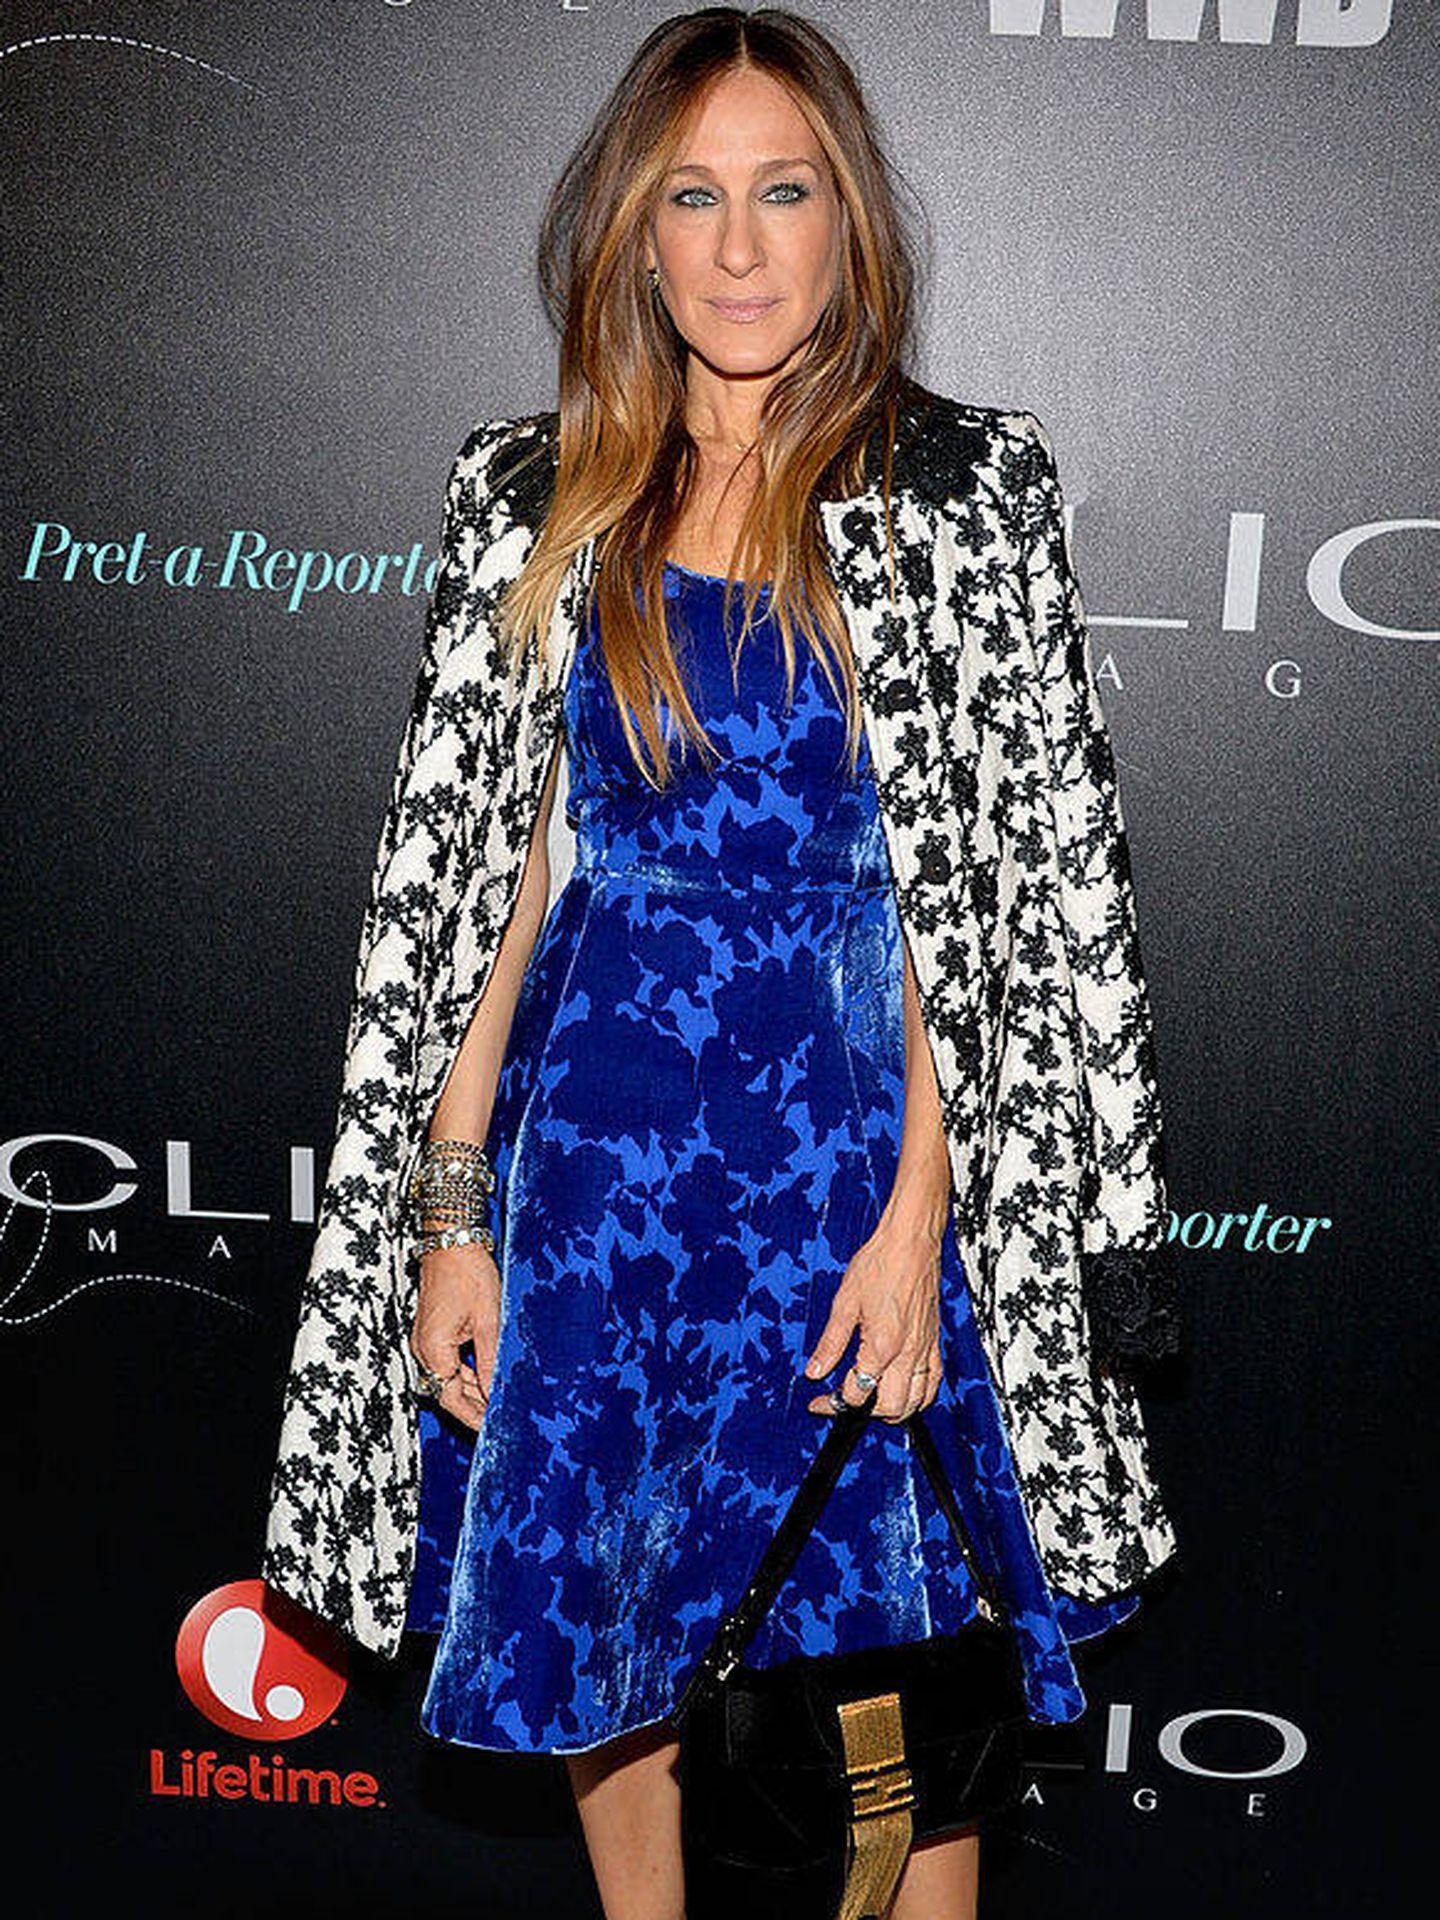 Sarah, en 2014 en los CLIO Image Awards. (Getty)